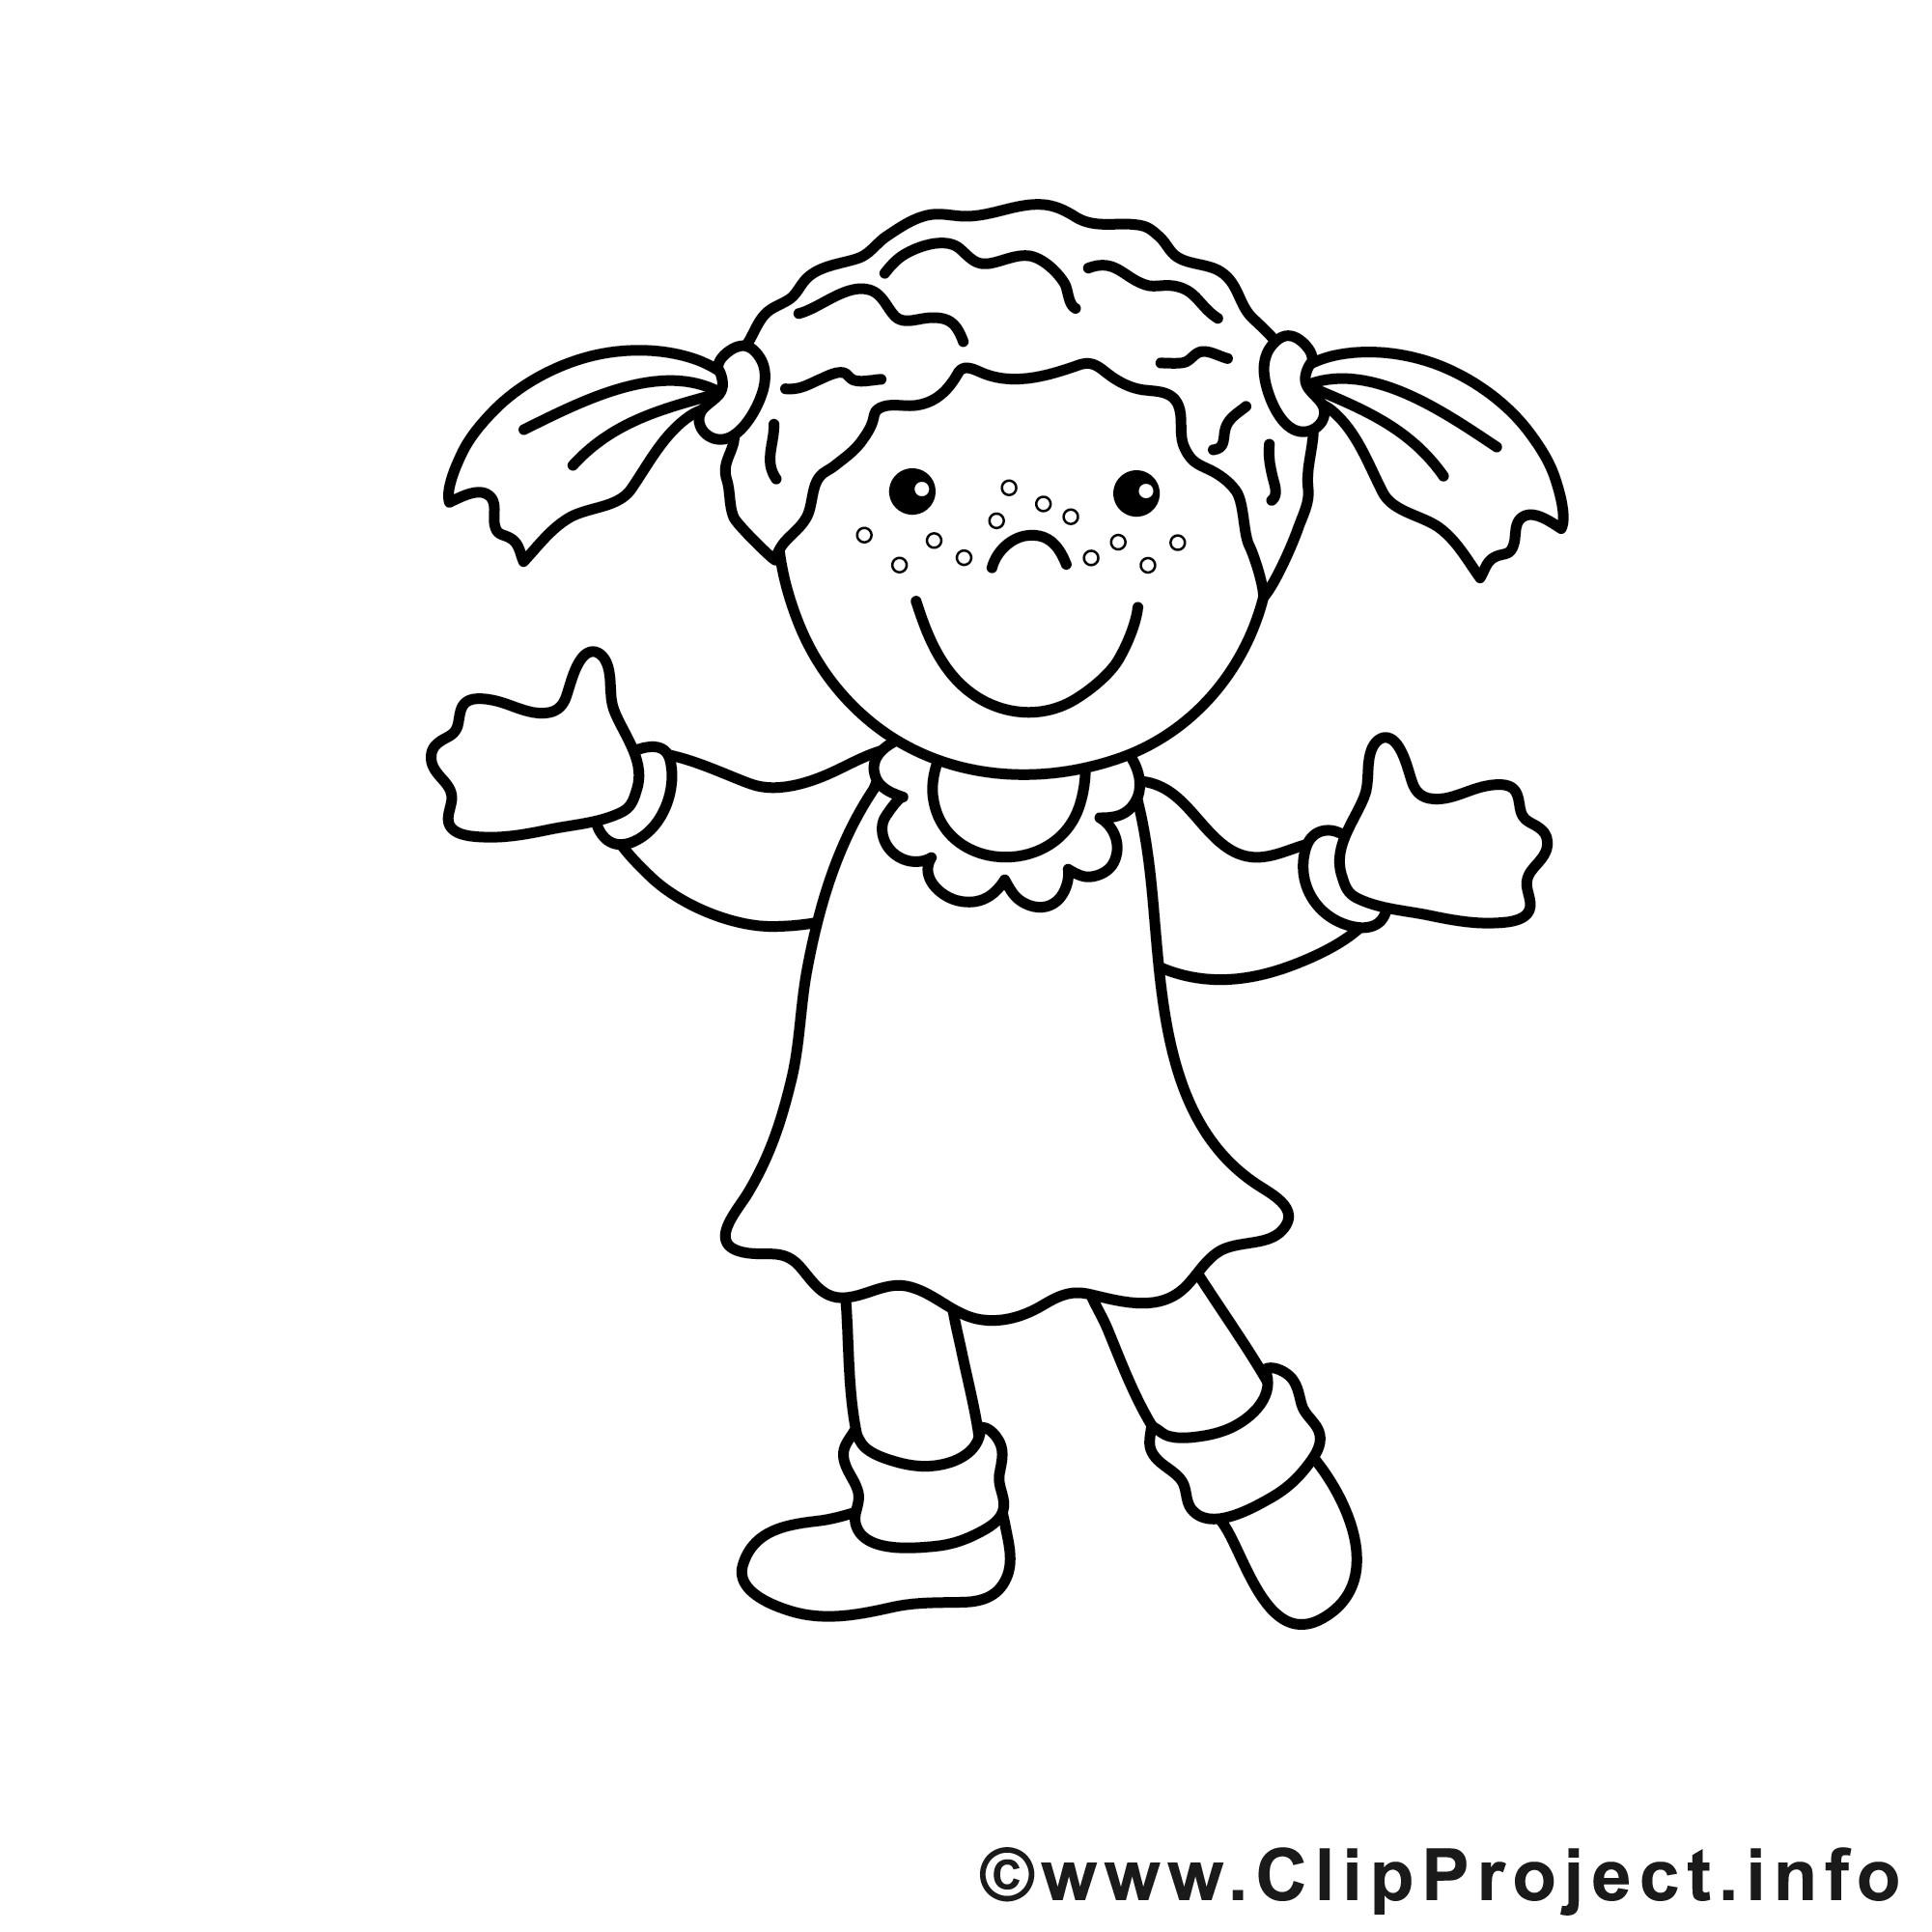 Ausmalbilder Kinder  Kinder Malvorlagen